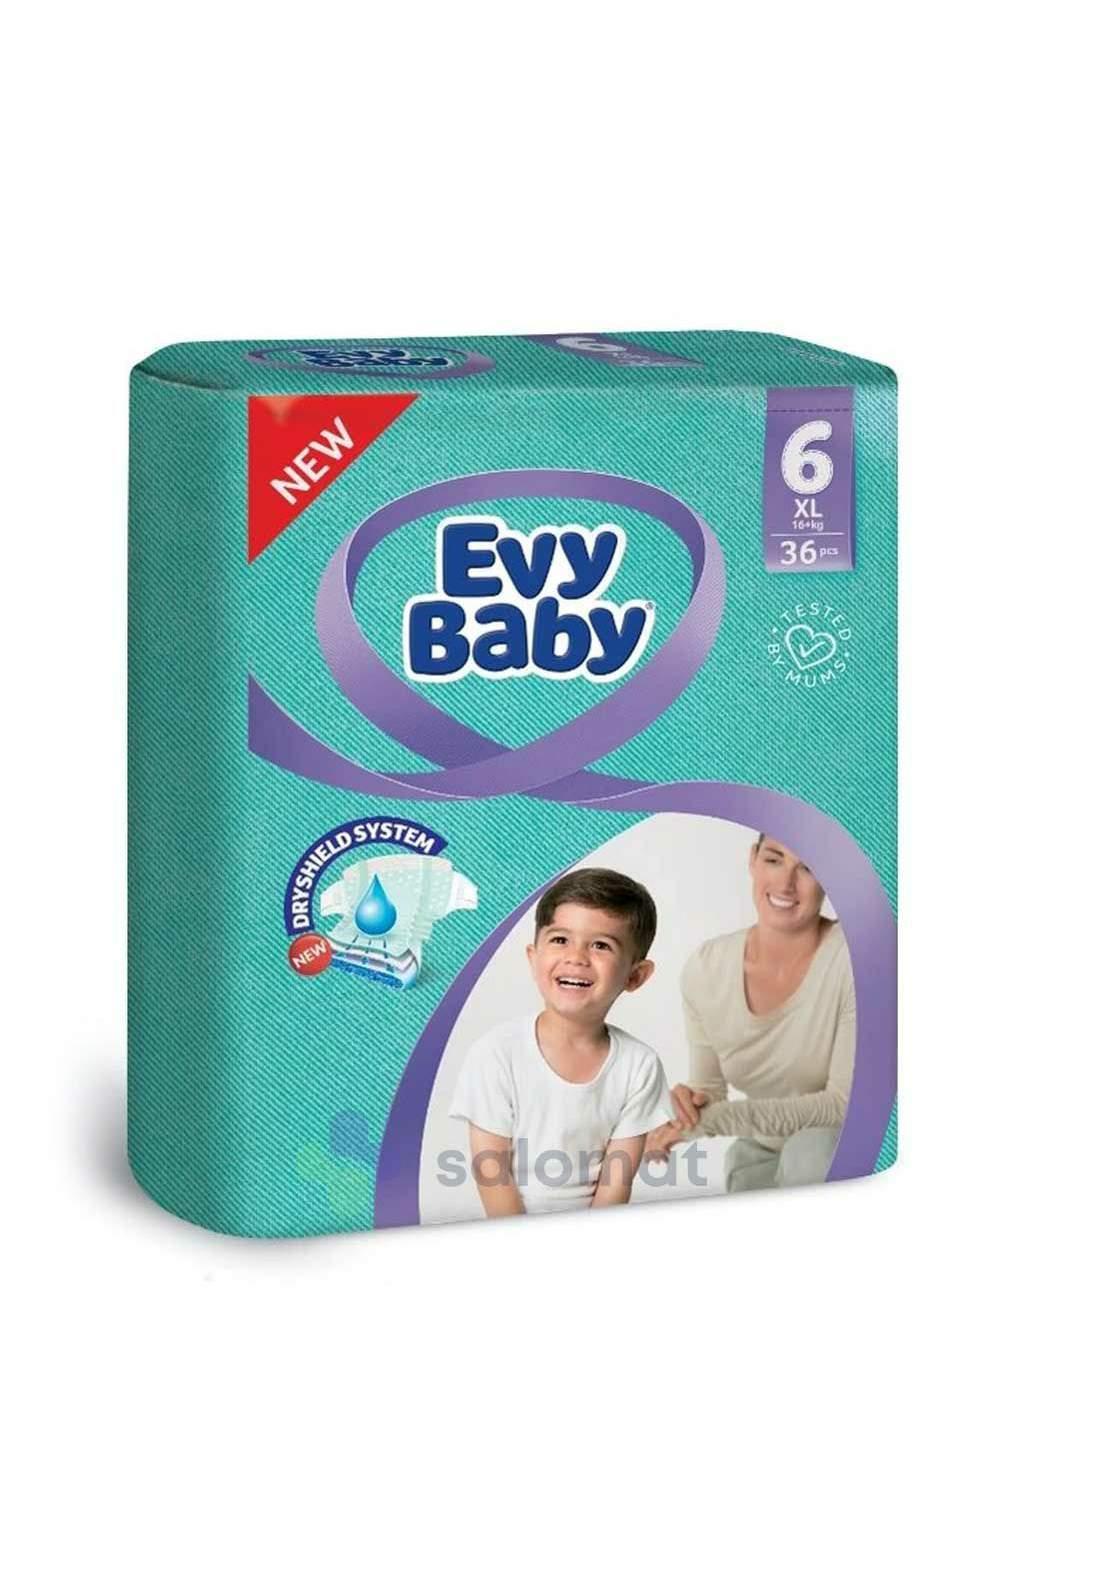 Evy Baby Diapers 6 XL 16+ Kg 36 Pcs 6  حفاضات ايفي بيبي للاطفال عادي رقم